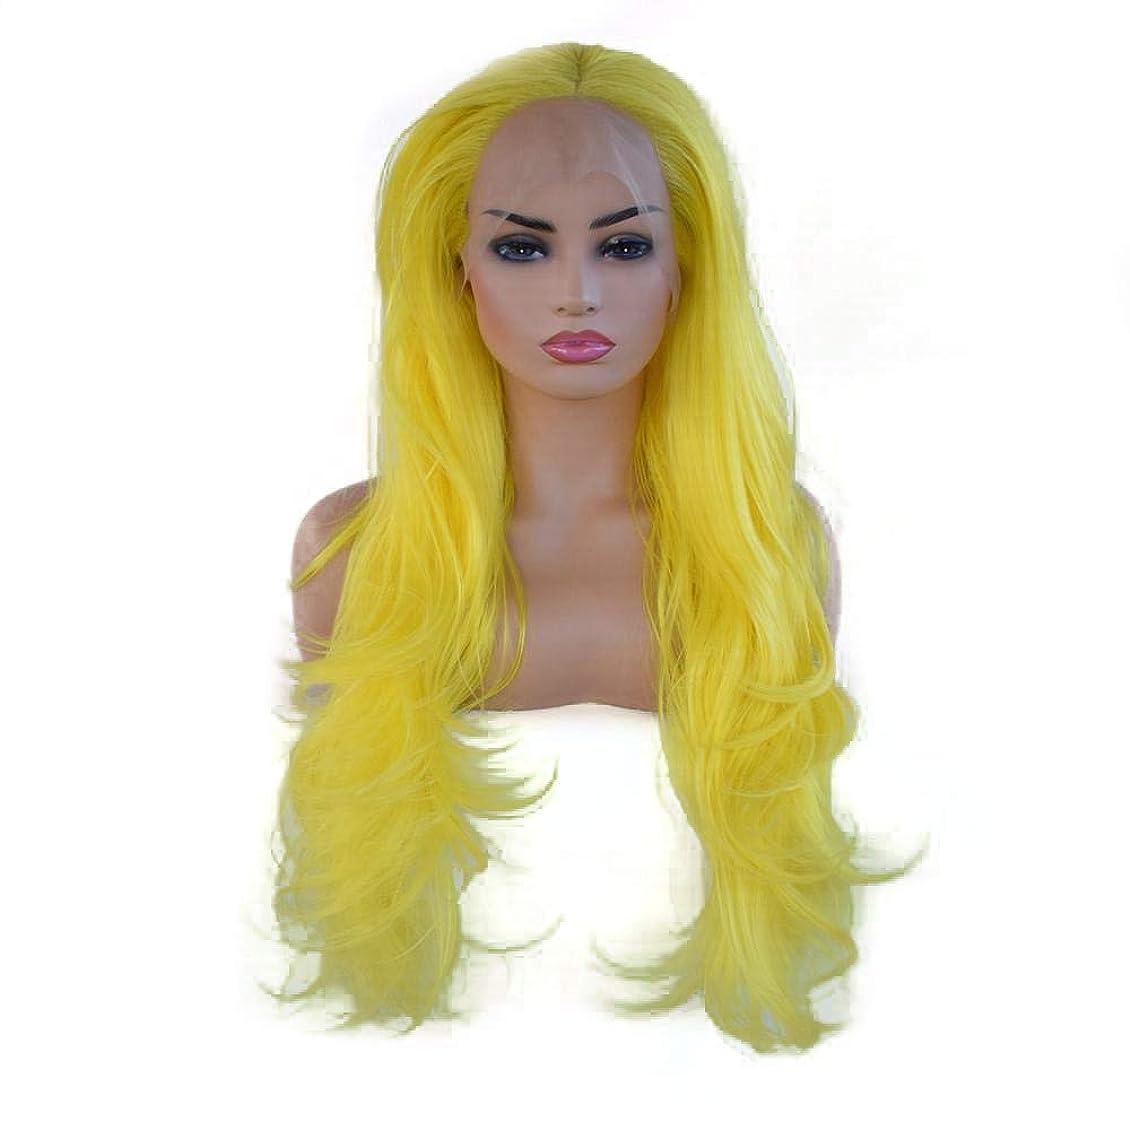 奇跡的なトランスミッション候補者BOBIDYEE 黄色の女性の長い巻き毛のフロントレースの化学繊維かつらコスプレウィッグ合成髪のレースのかつらロールプレイングかつら (色 : イエロー)